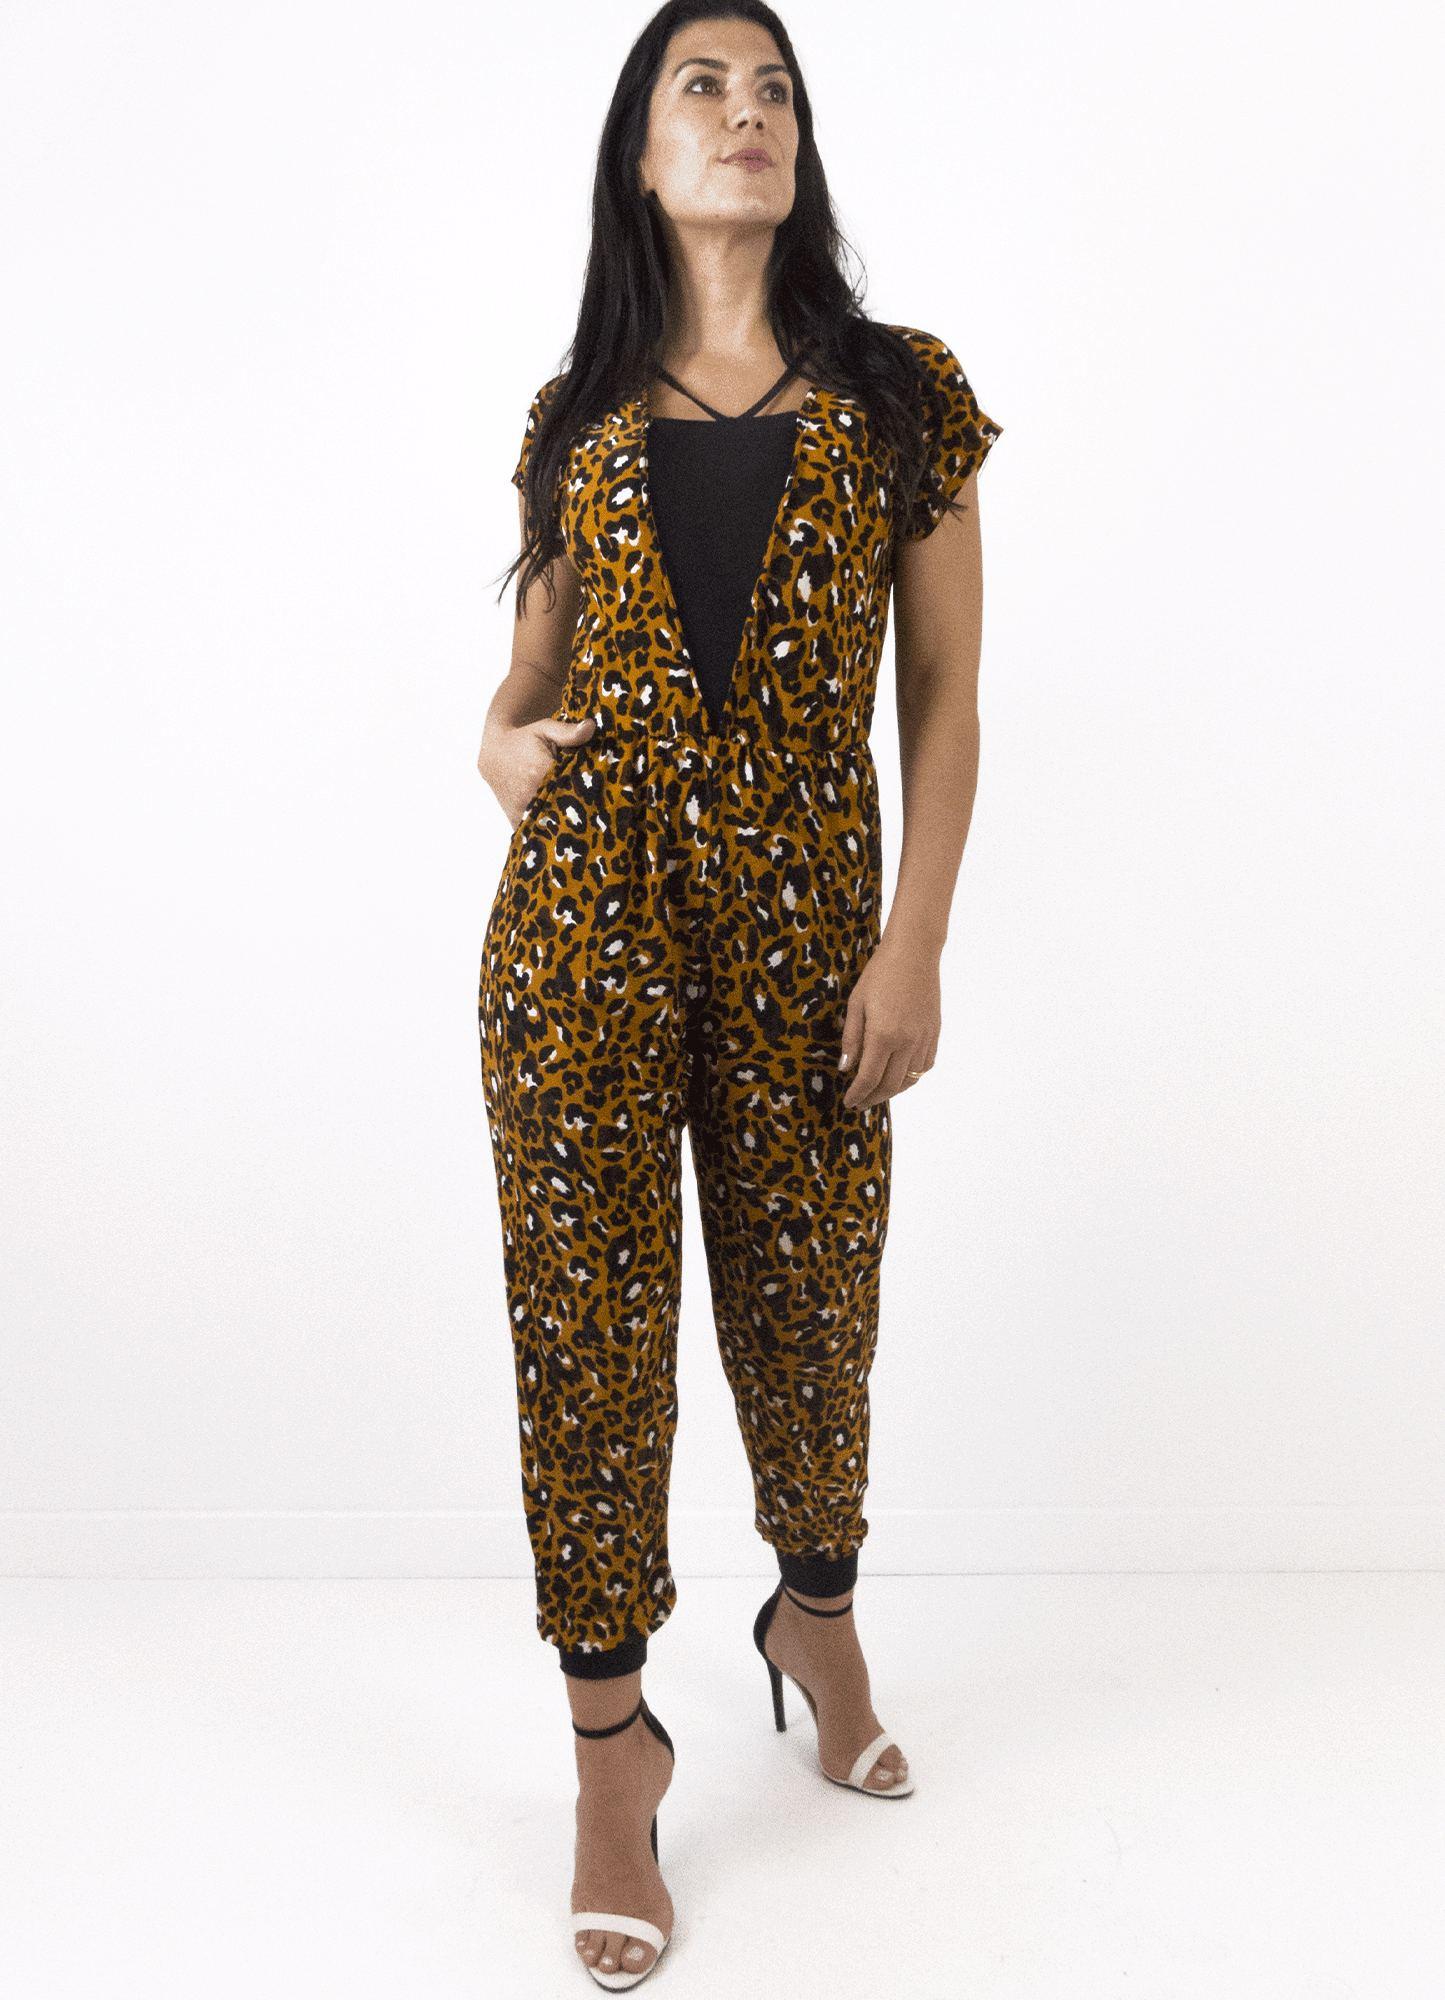 Macacão Feminino Jersey Estampa de Onça Detalhe Decote e Punho